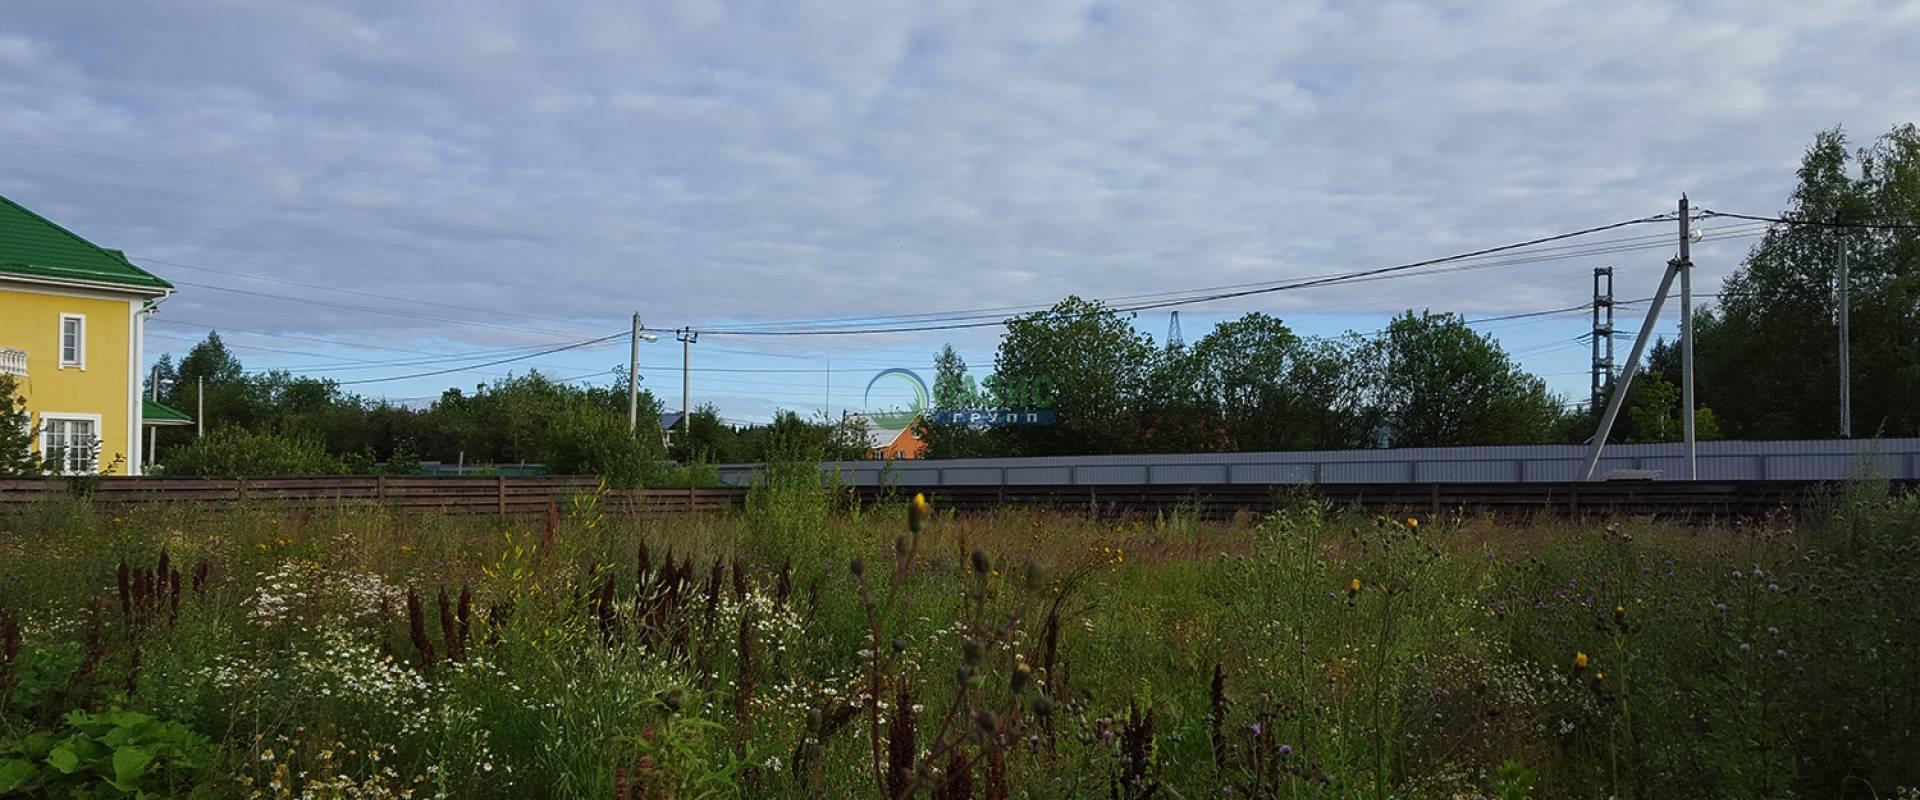 Работы по благоустройству и озеленению участка в Истринском районе